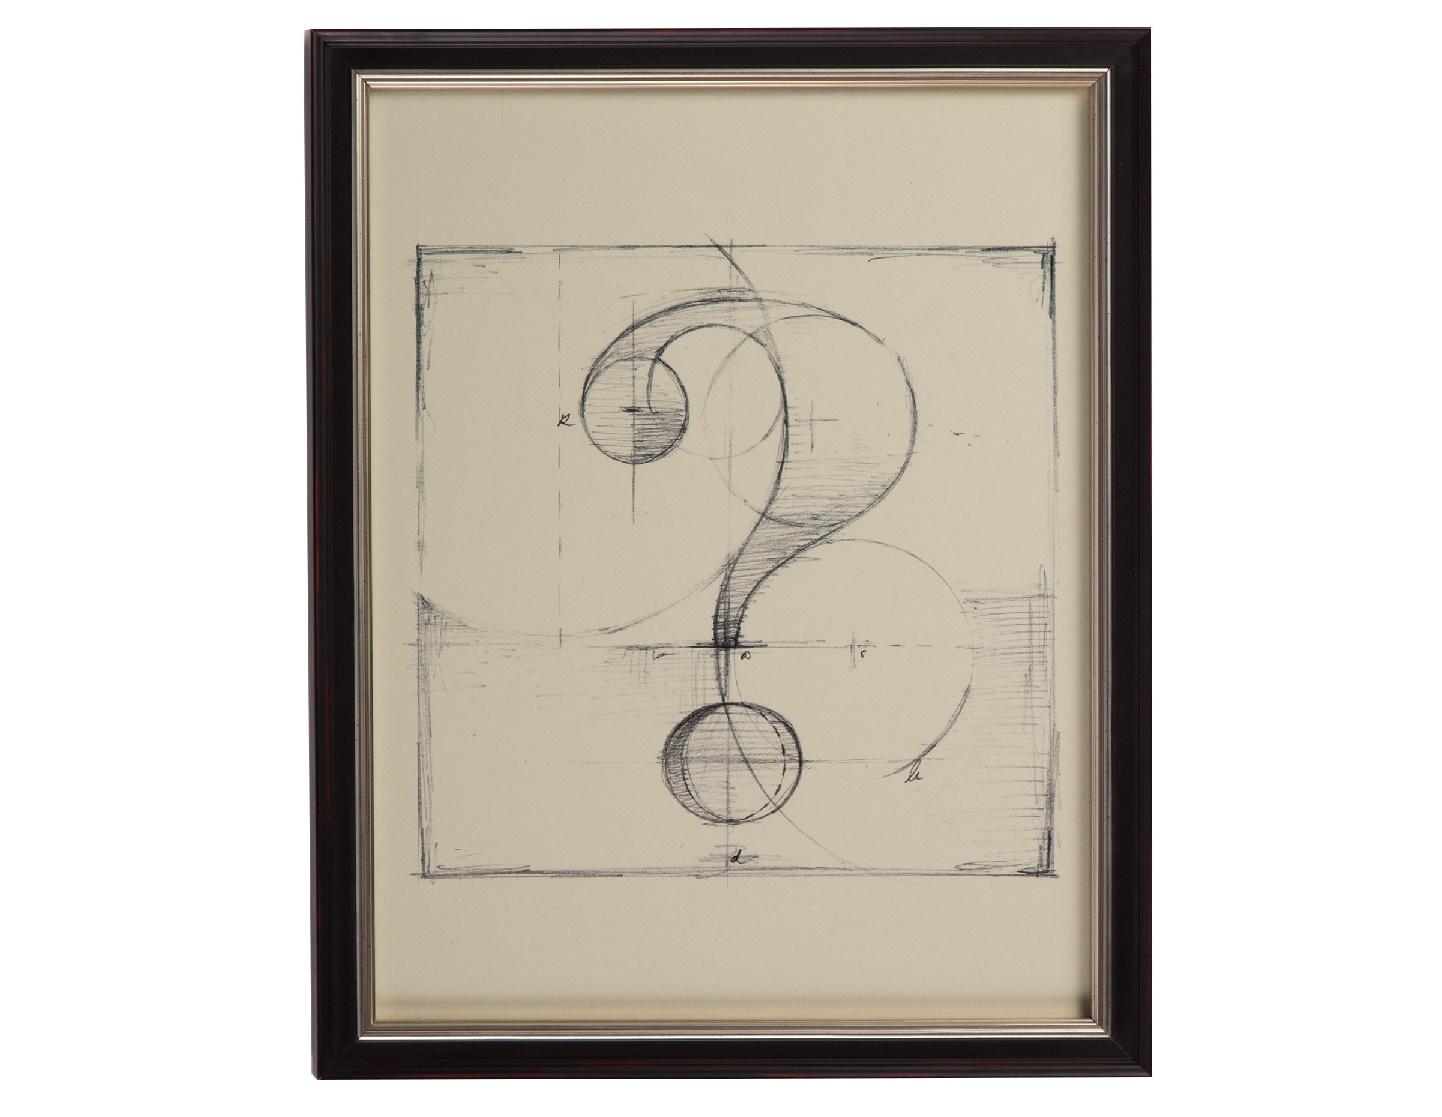 Постер в раме Drafting SymbolsПостеры<br>&amp;quot;Drafting Symbols&amp;quot; ? постер, который превосходно будет смотреться в кабинете мыслителя, пытающегося найти решения для самых сложных вопросов. Картина не только расскажет о своем владельце, но и удивит его своим качественным исполнением. Великолепная бумага, отличное качество печати и рама из натурального дерева ? такое сочетание покорит даже самых взыскательных людей.&amp;amp;nbsp;&amp;lt;div&amp;gt;&amp;lt;br&amp;gt;&amp;lt;/div&amp;gt;&amp;lt;div&amp;gt;Рама - дерево.&amp;lt;/div&amp;gt;<br><br>Material: Бумага<br>Width см: 26<br>Depth см: 3<br>Height см: 33